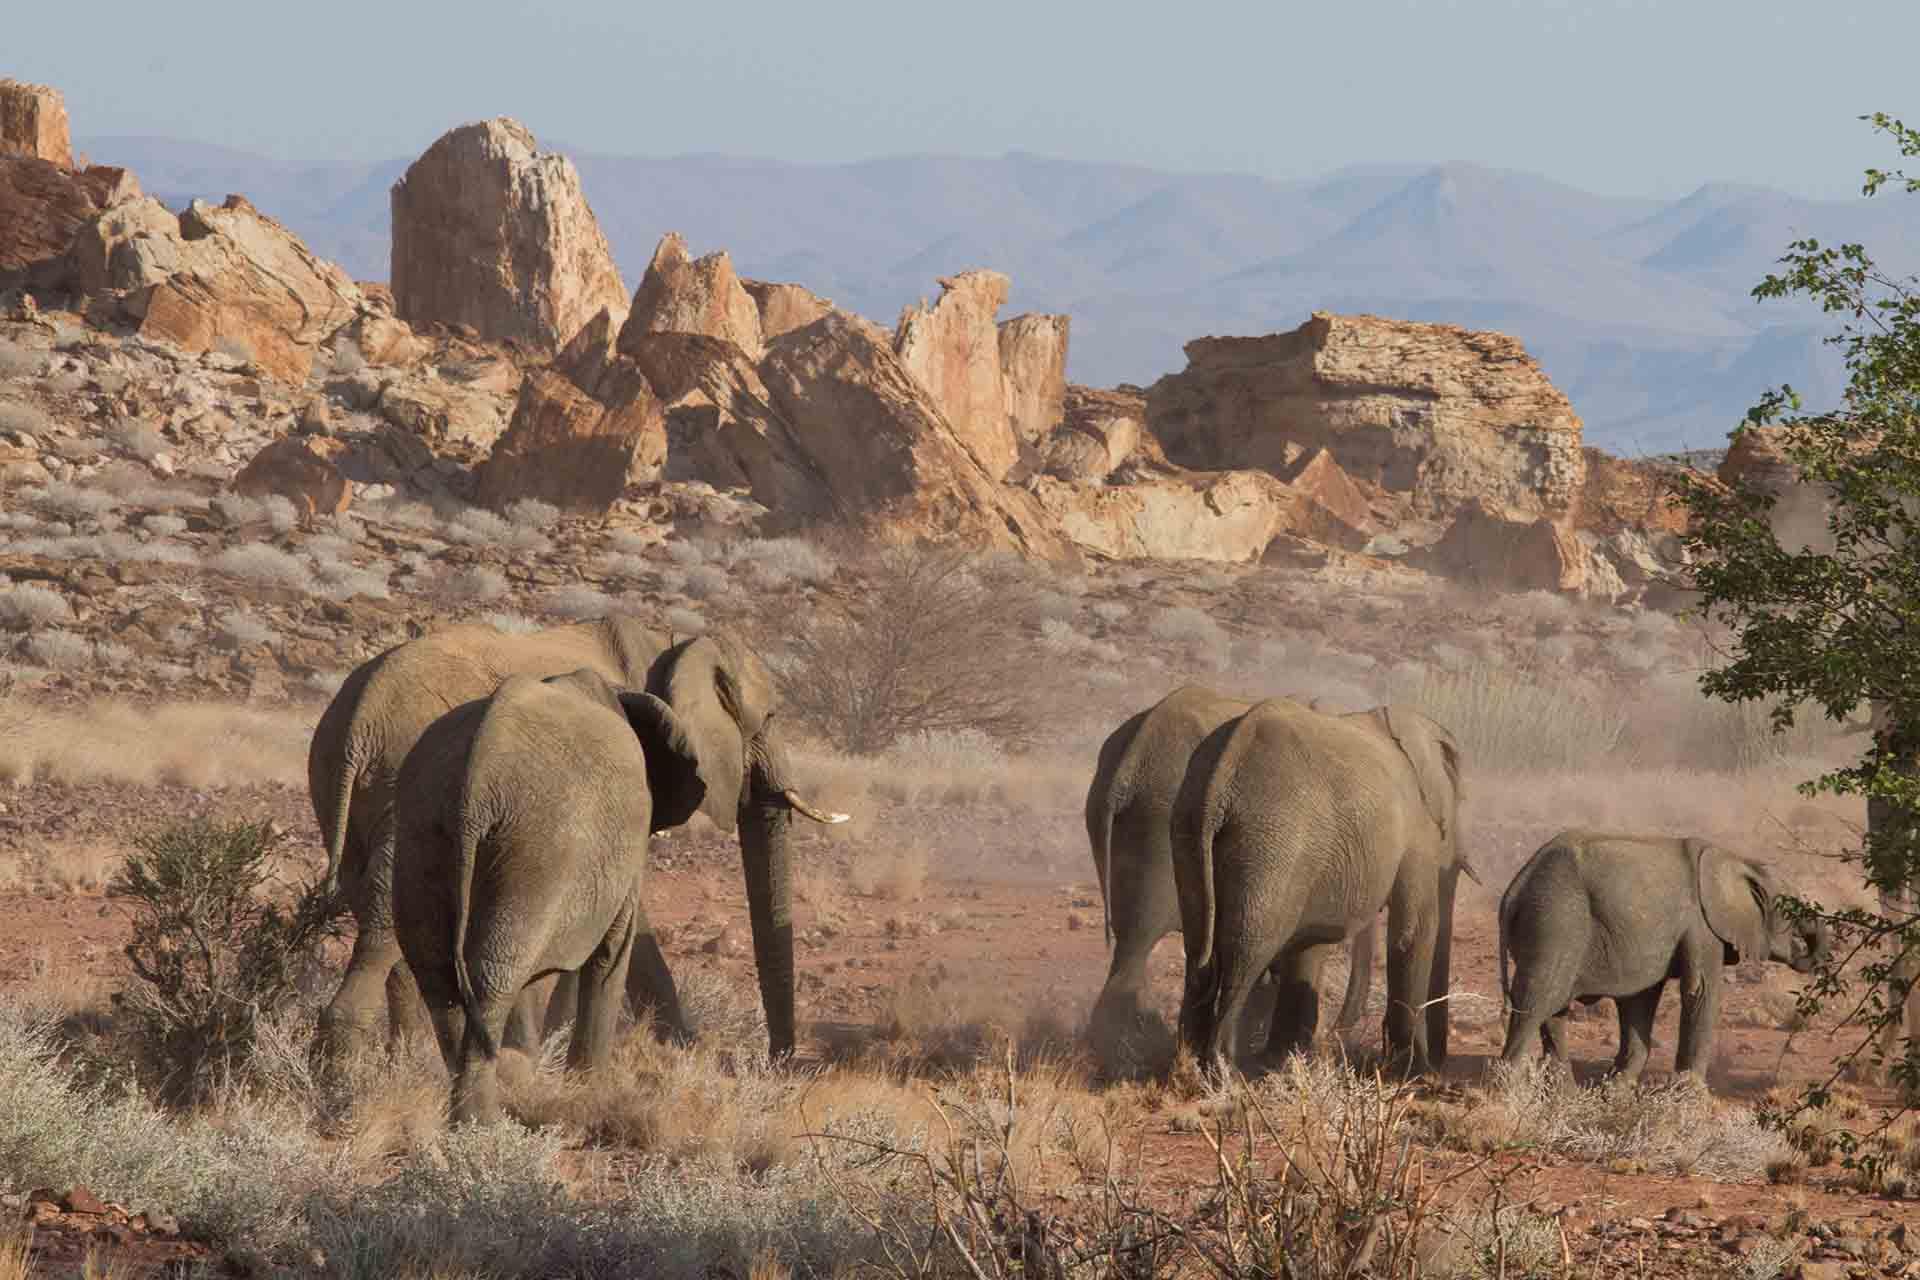 Eléphants du désert - Damaraland - Namibie